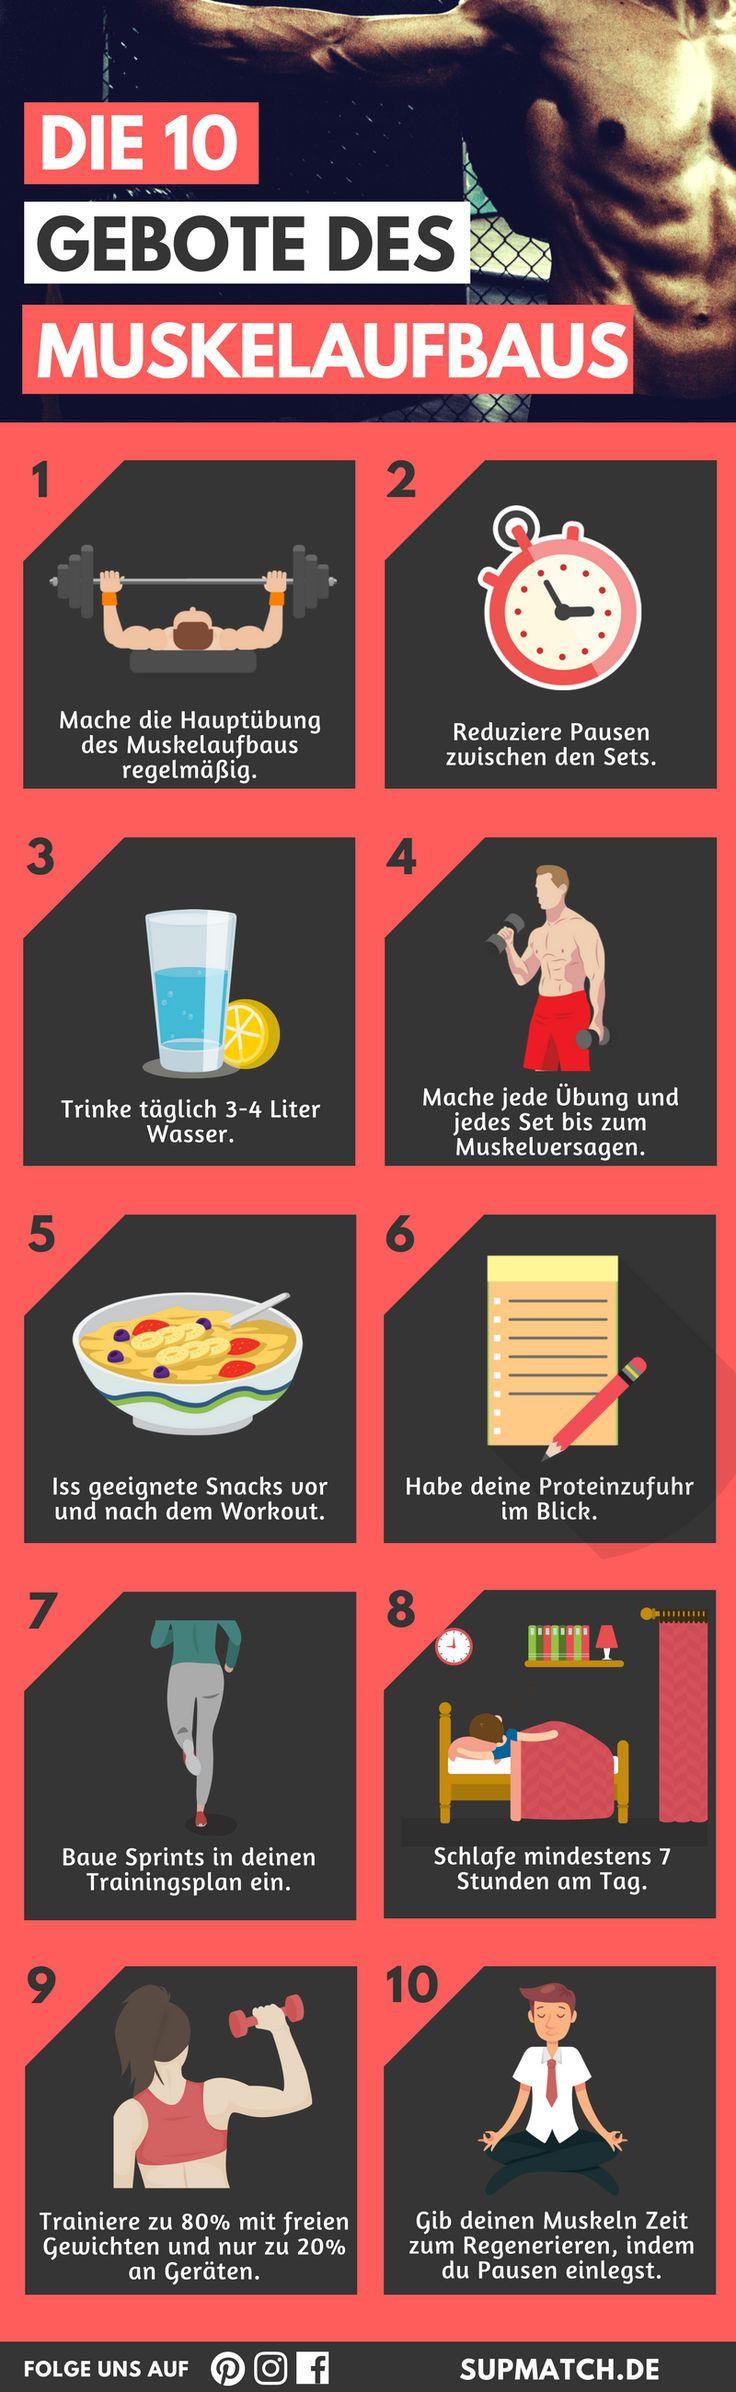 Die 10 Gebote des Muskelaufbaus - Verbessere deine Fitness und fördere den Muskelaufbau!